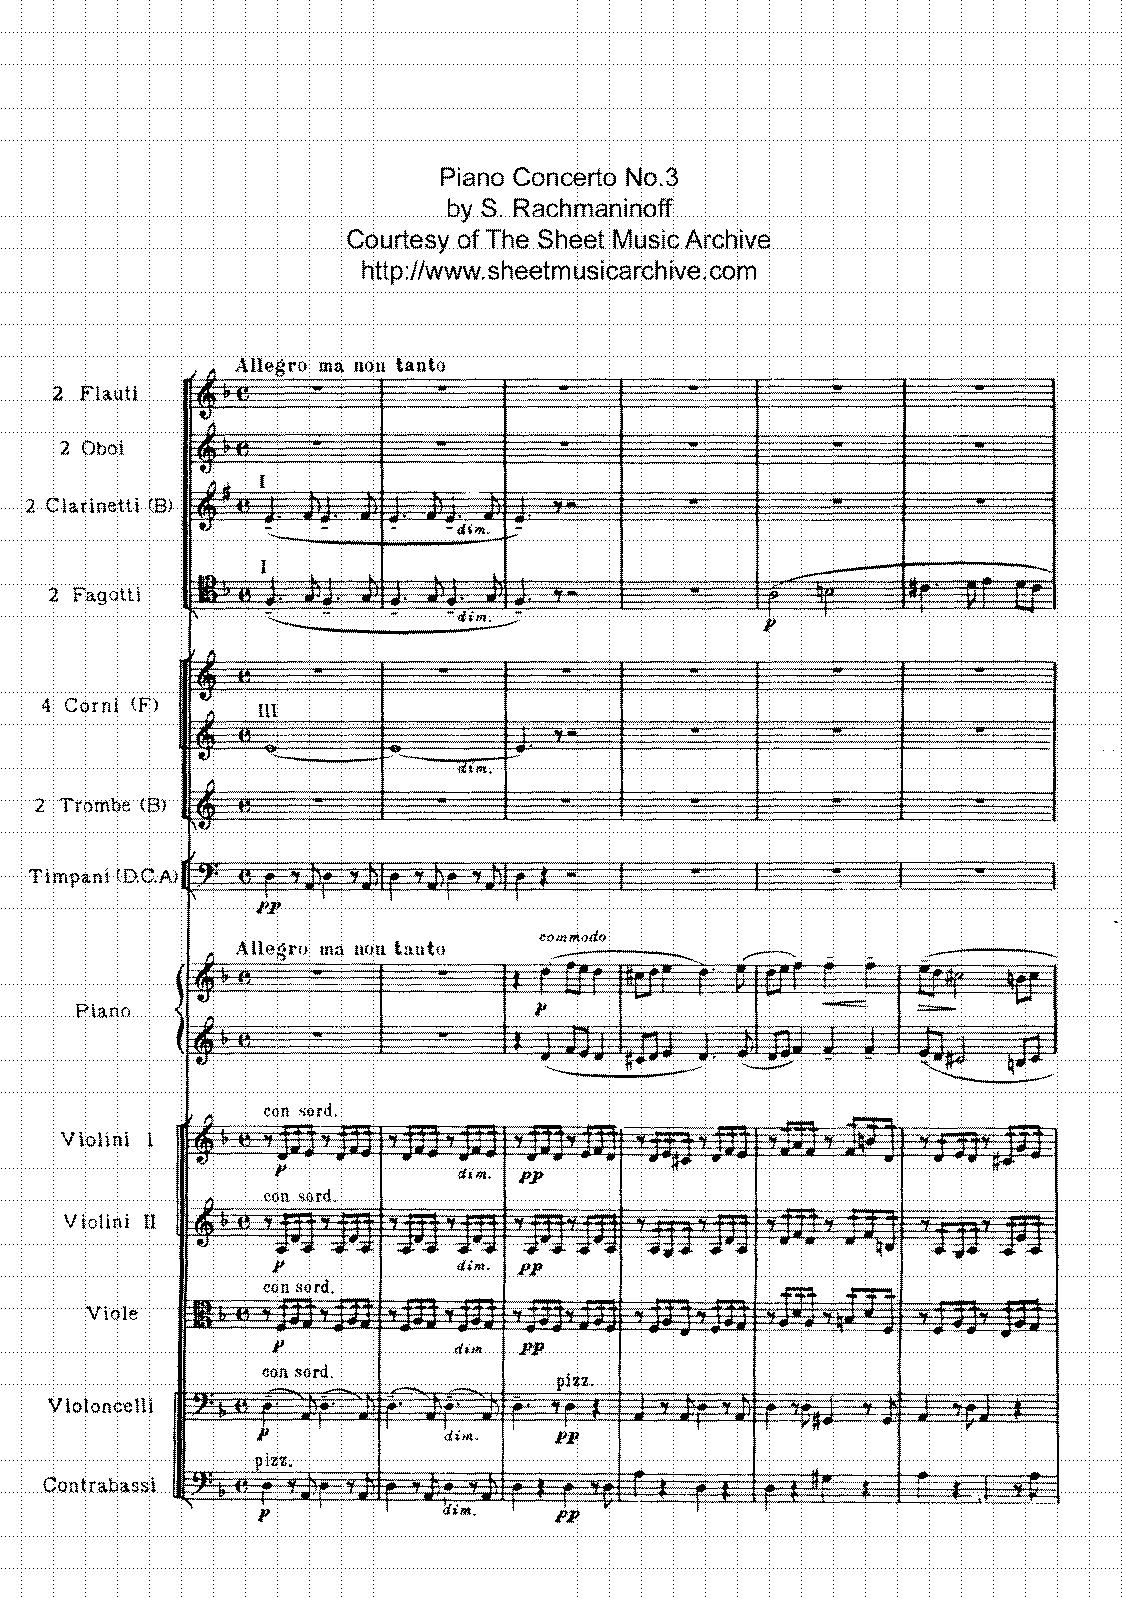 Piano Concerto No.3, Op.30 (Rachmaninoff, Sergei) - IMSLP/Petrucci ...